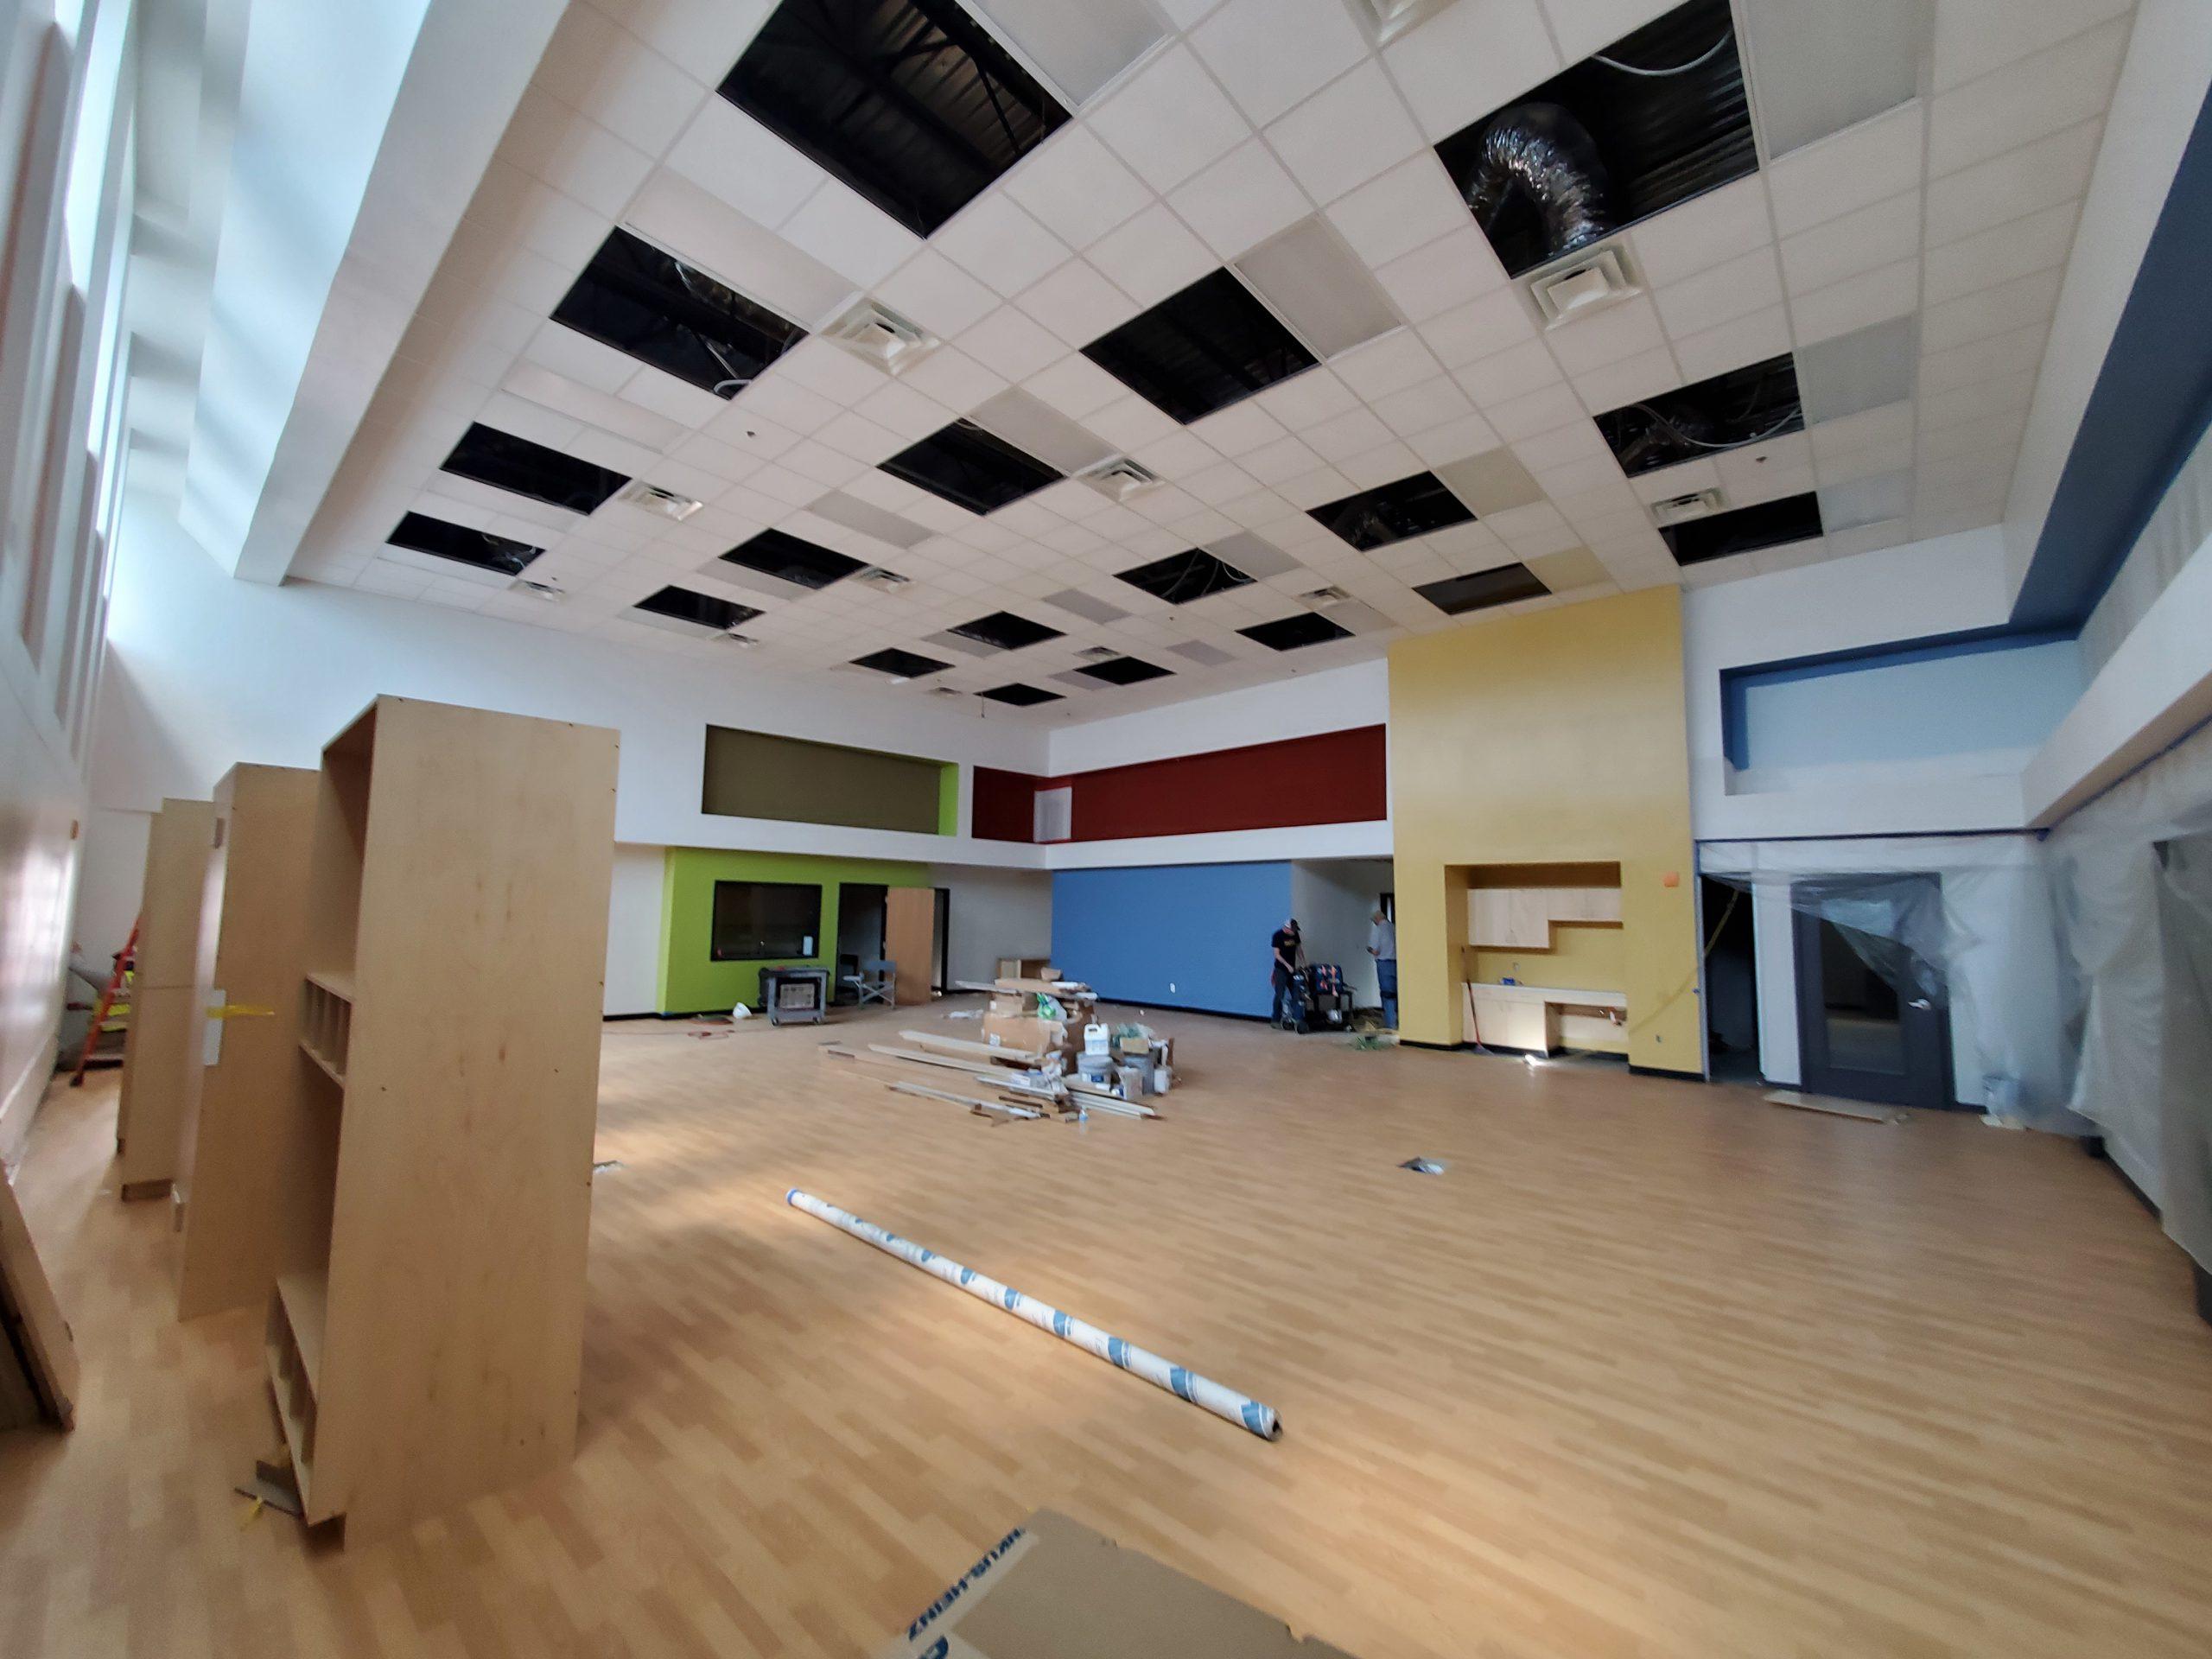 Exterior & Interior Updates image 1